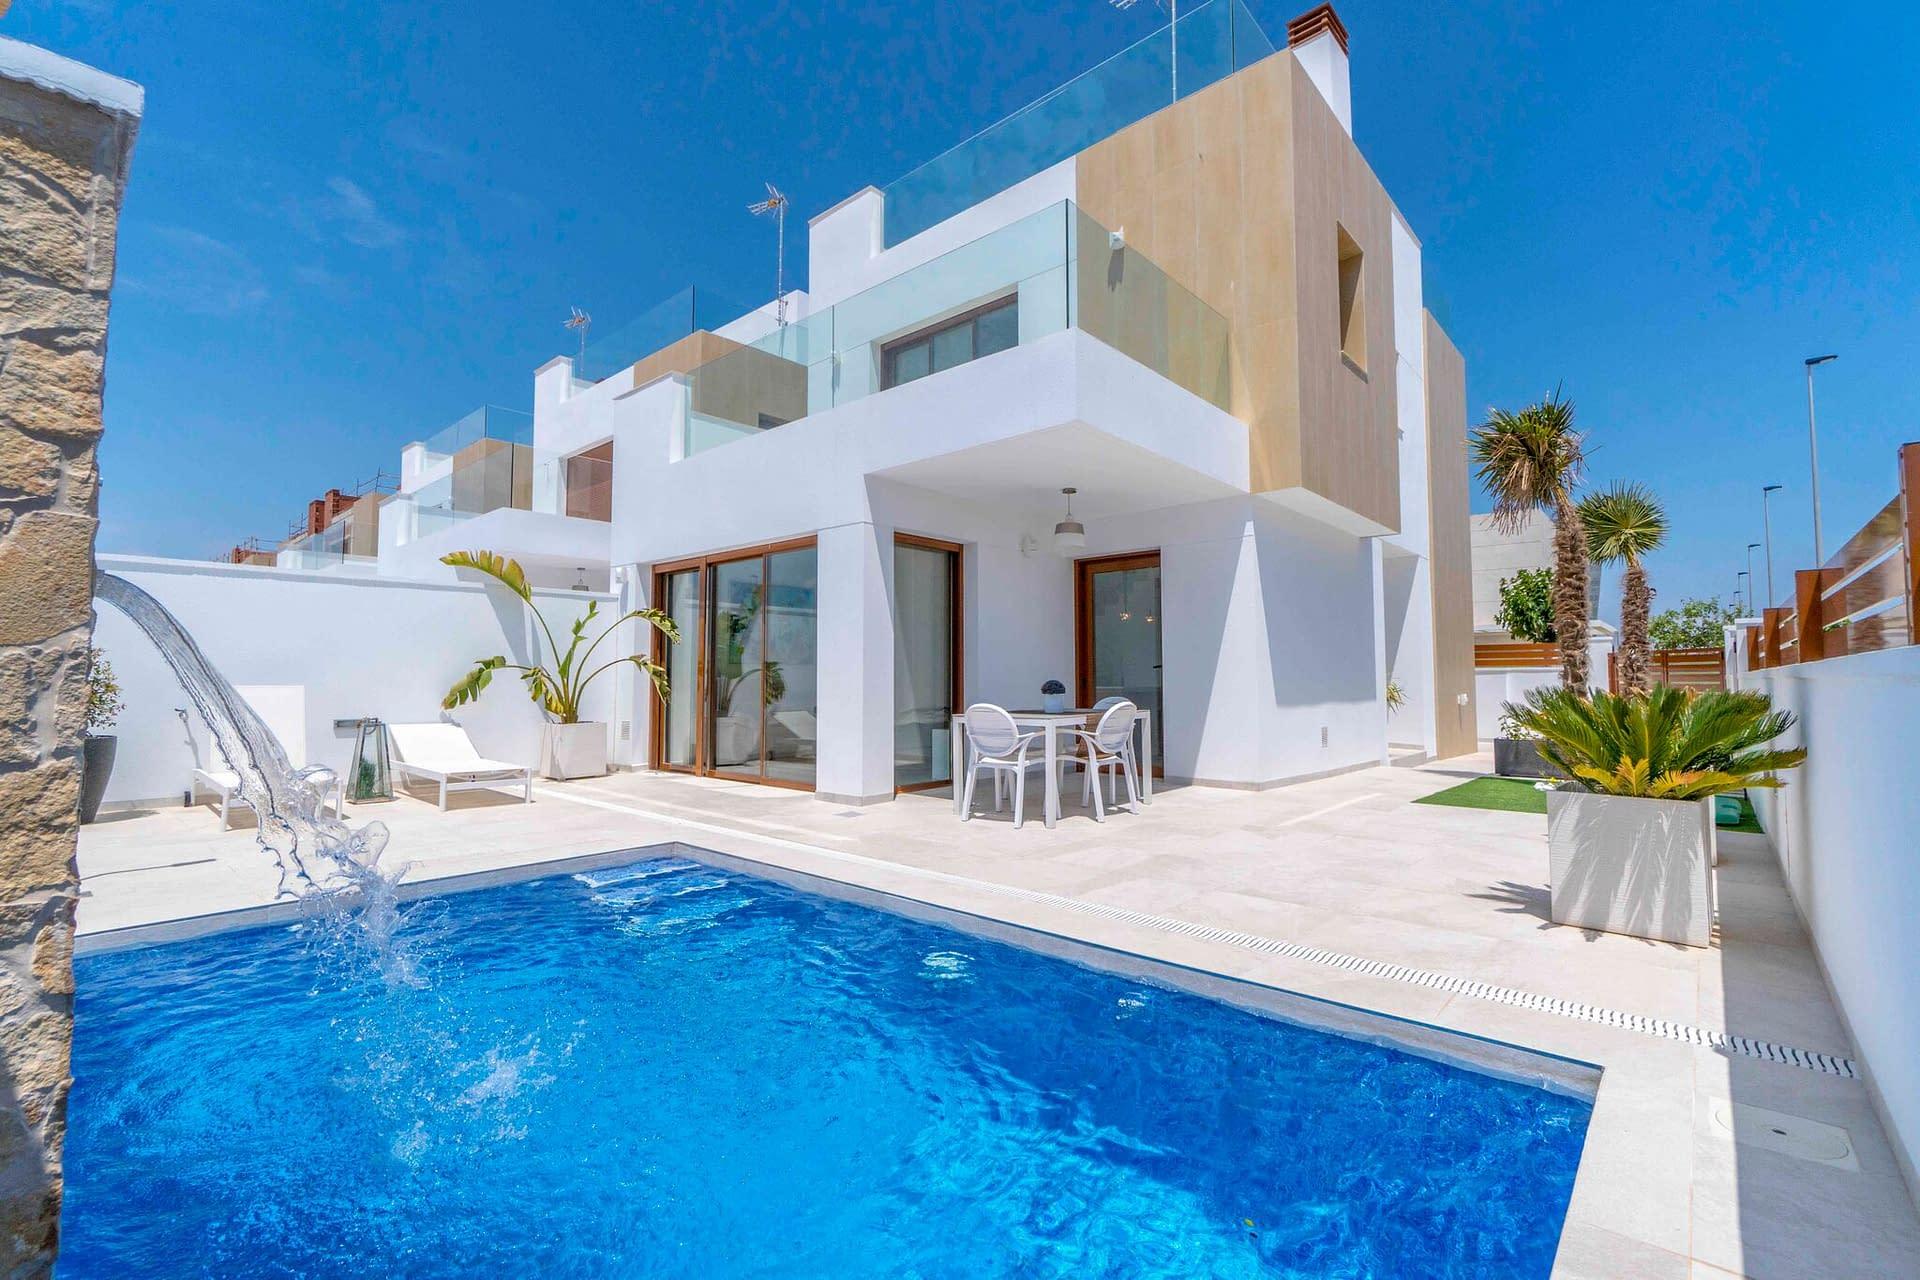 Luxuriöse freistehende Villa, 300 Meter vom Meer entfernt